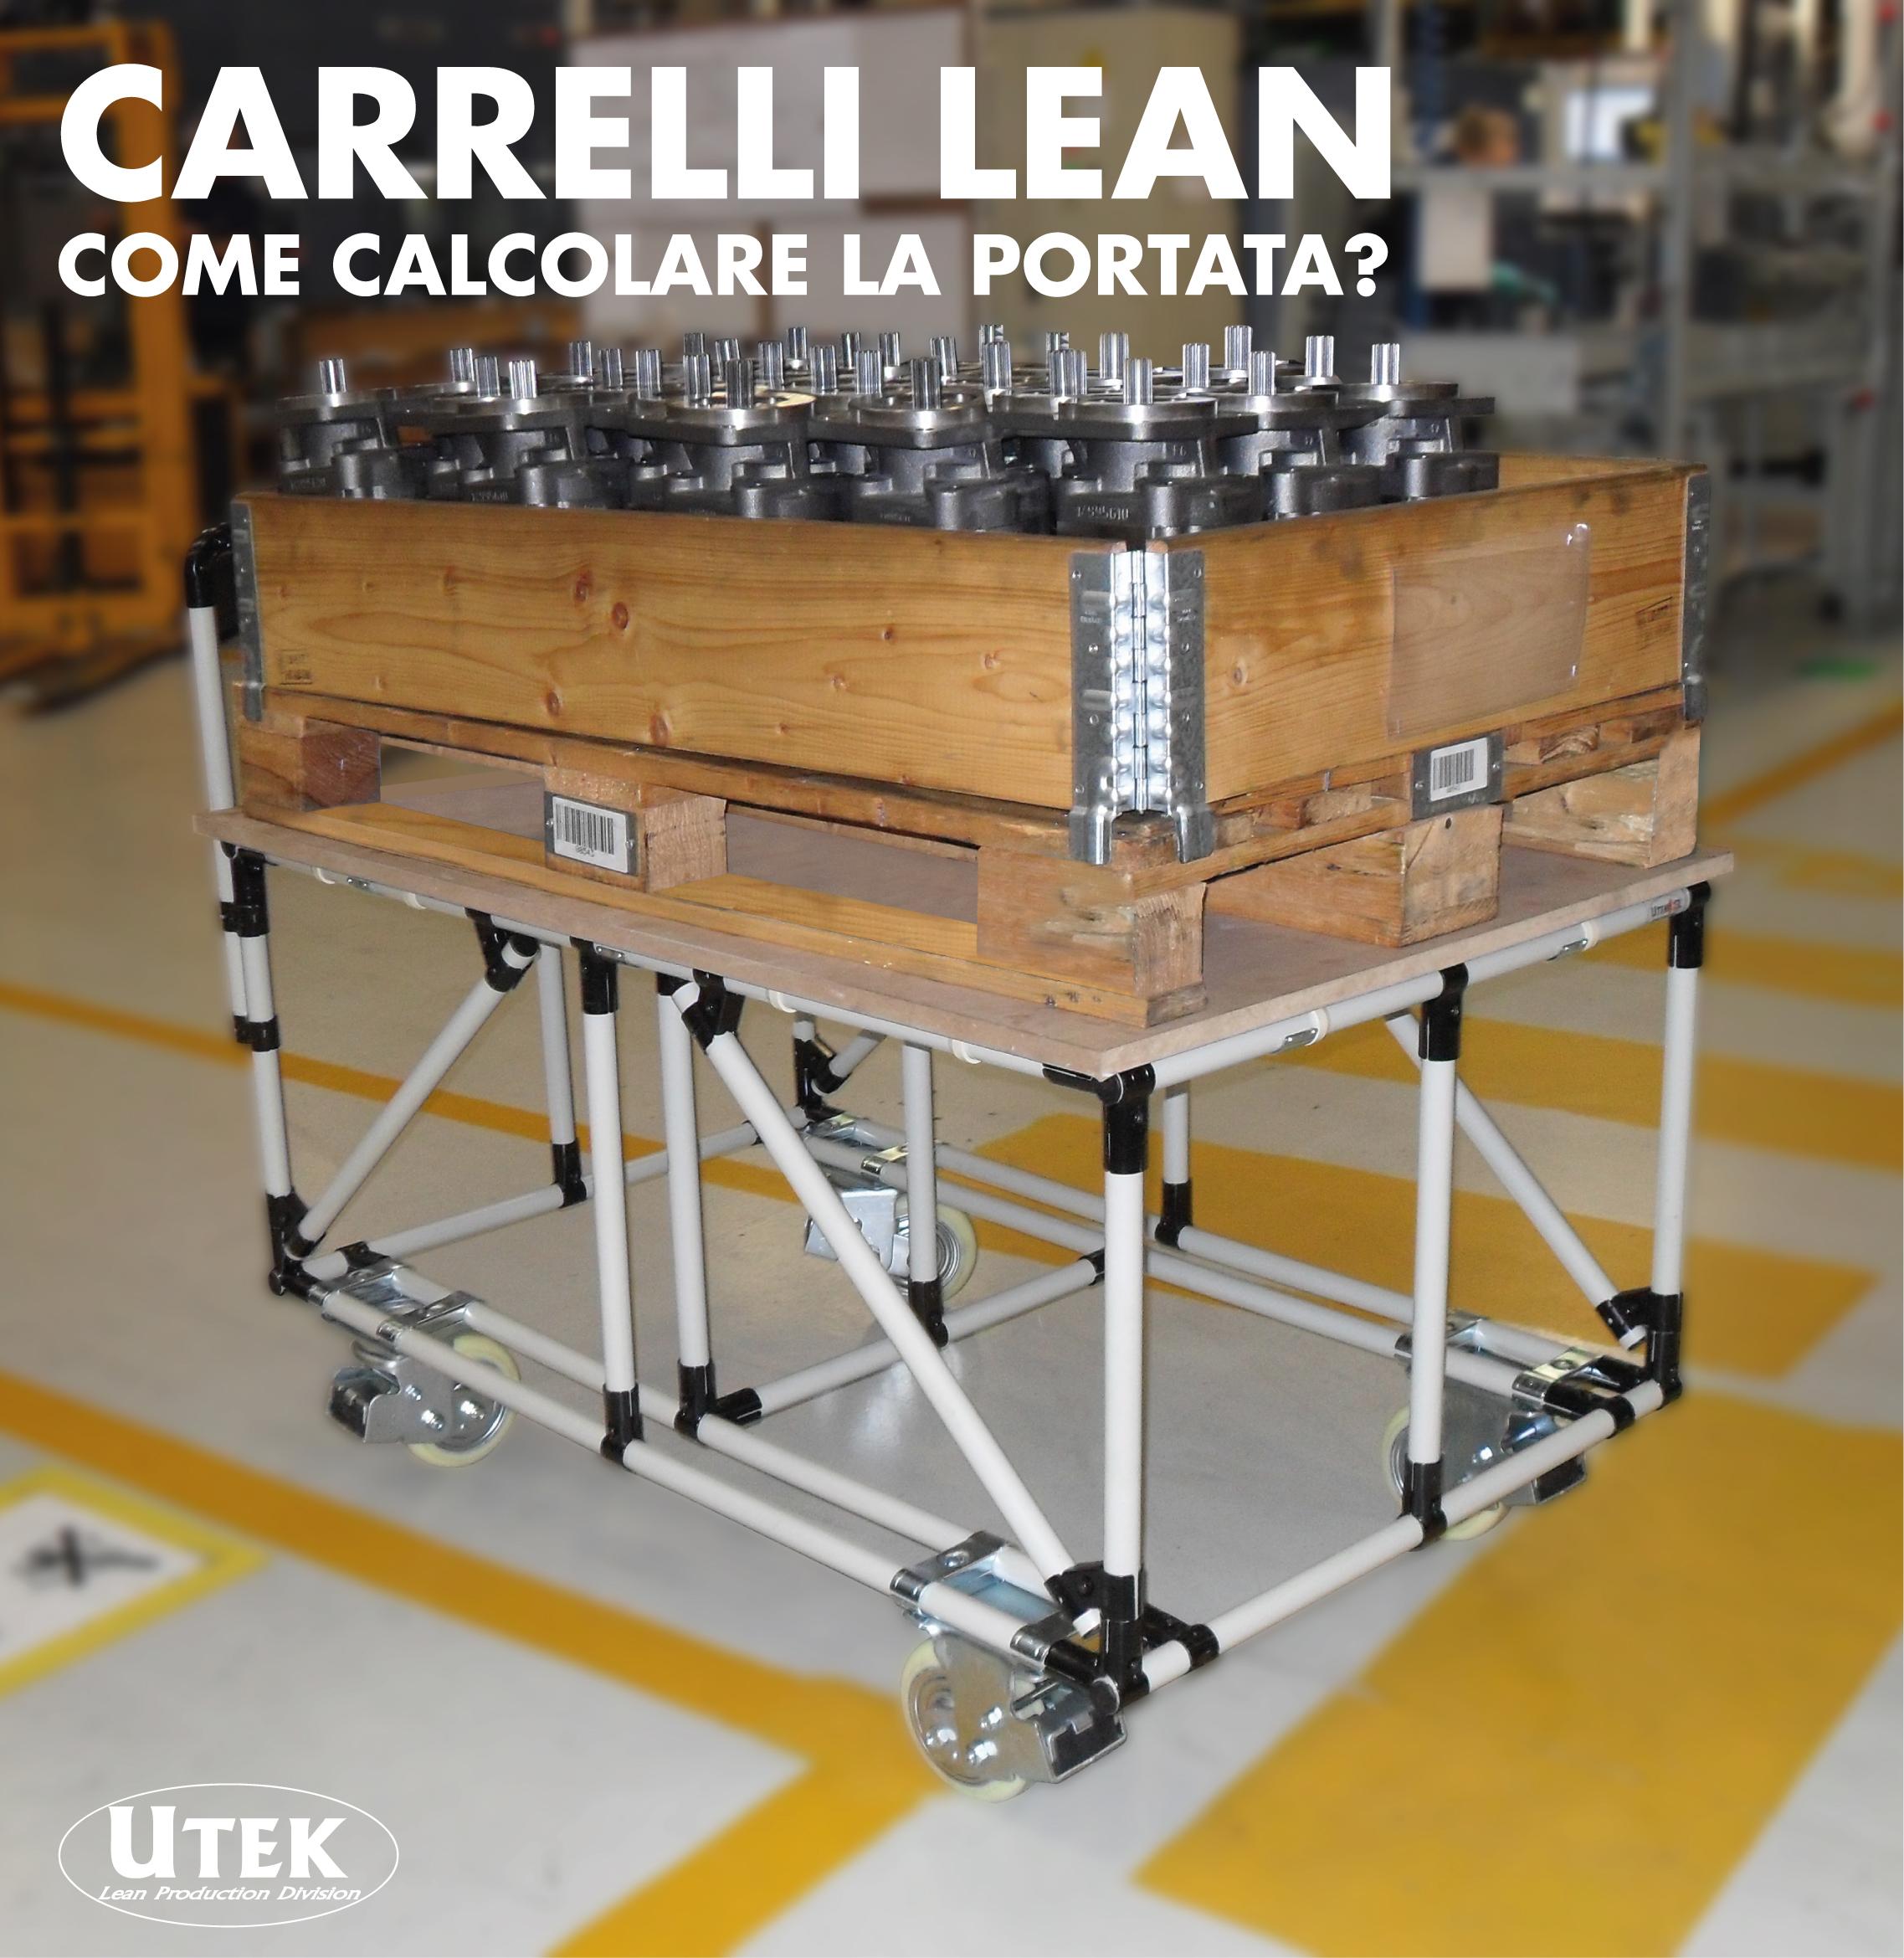 Carrelli Lean, come calcolare la portata?